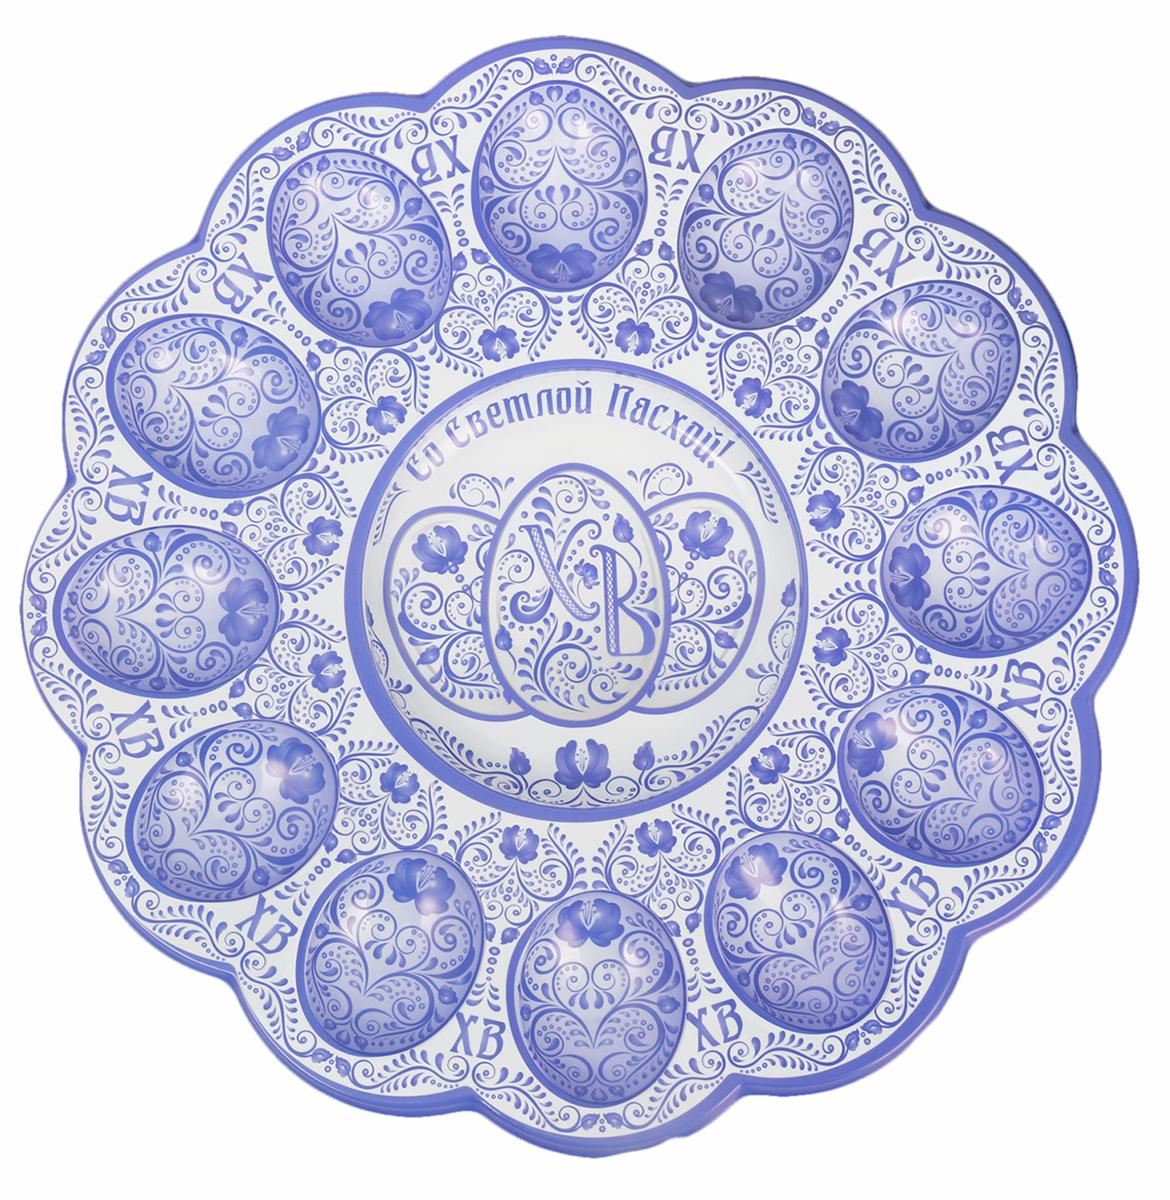 Подставка для яйца Гжель, цвет: голубой, на 12 яиц и кулич, 30 х 30 см. 16538841653884От качества посуды зависит не только вкус еды, но и здоровье человека. Пасхальная подставка на 12 яиц и кулич Гжель — товар, соответствующий российским стандартам качества. Любой хозяйке будет приятно держать его в руках. С данной посудой и кухонной утварью приготовление еды и сервировка стола превратятся в настоящий праздник.